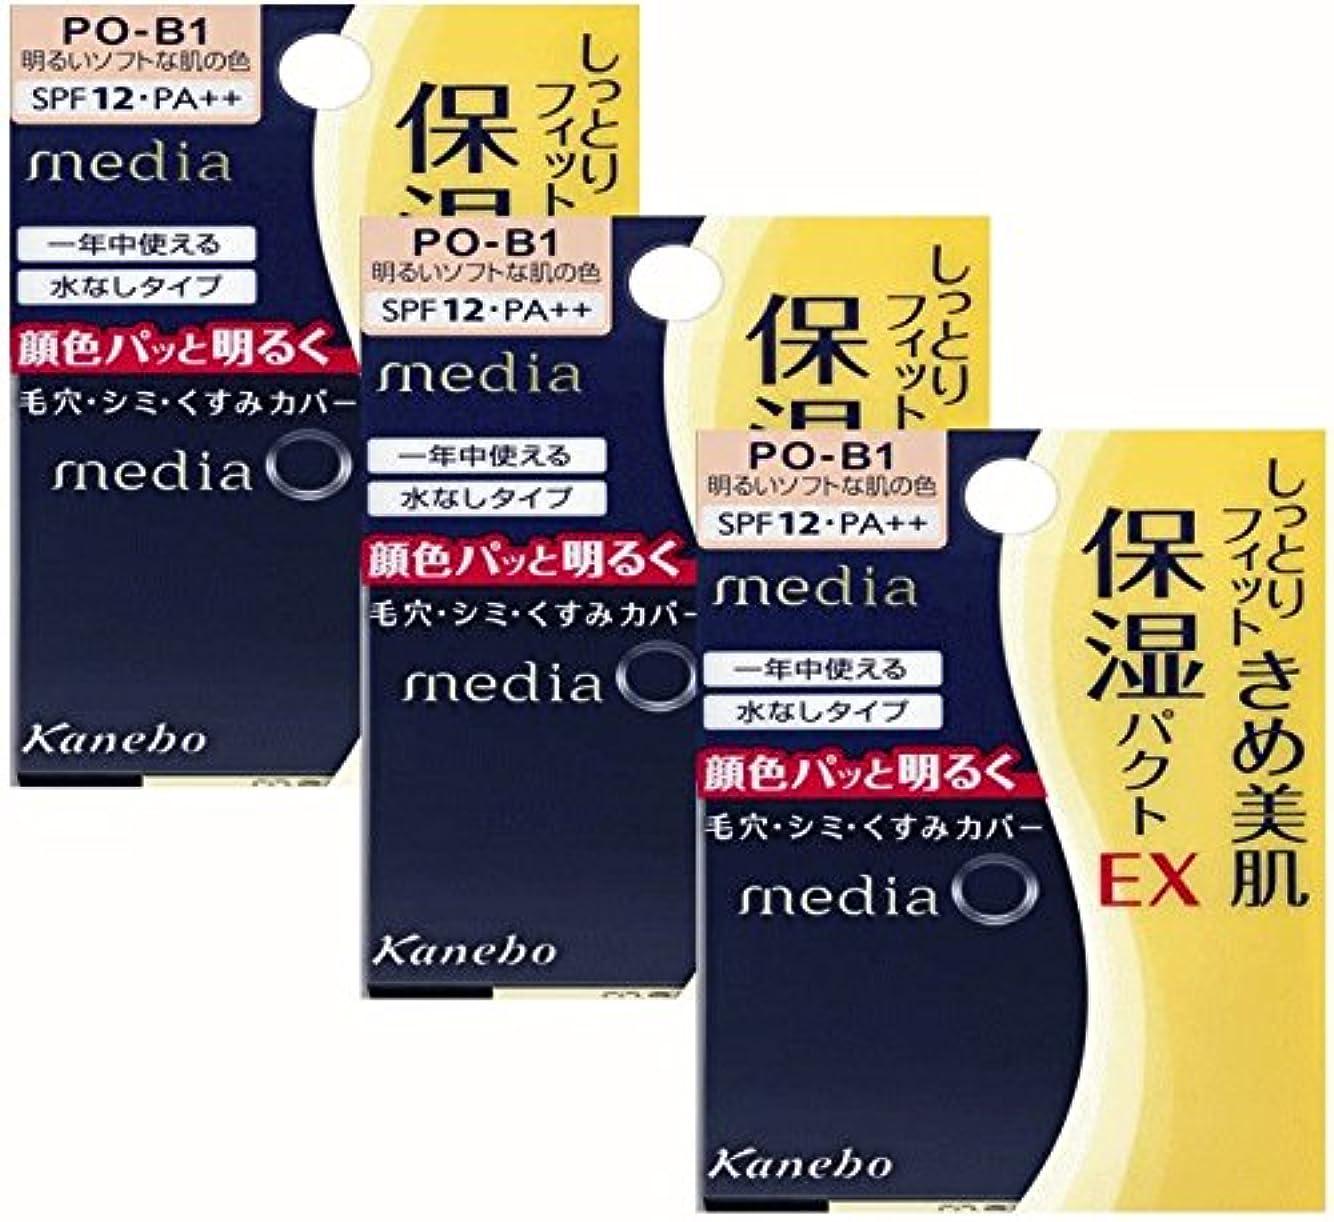 王子剃る通信する【3個セット】カネボウ メディア(media) モイストフィットパクトEX PO-B1 本体